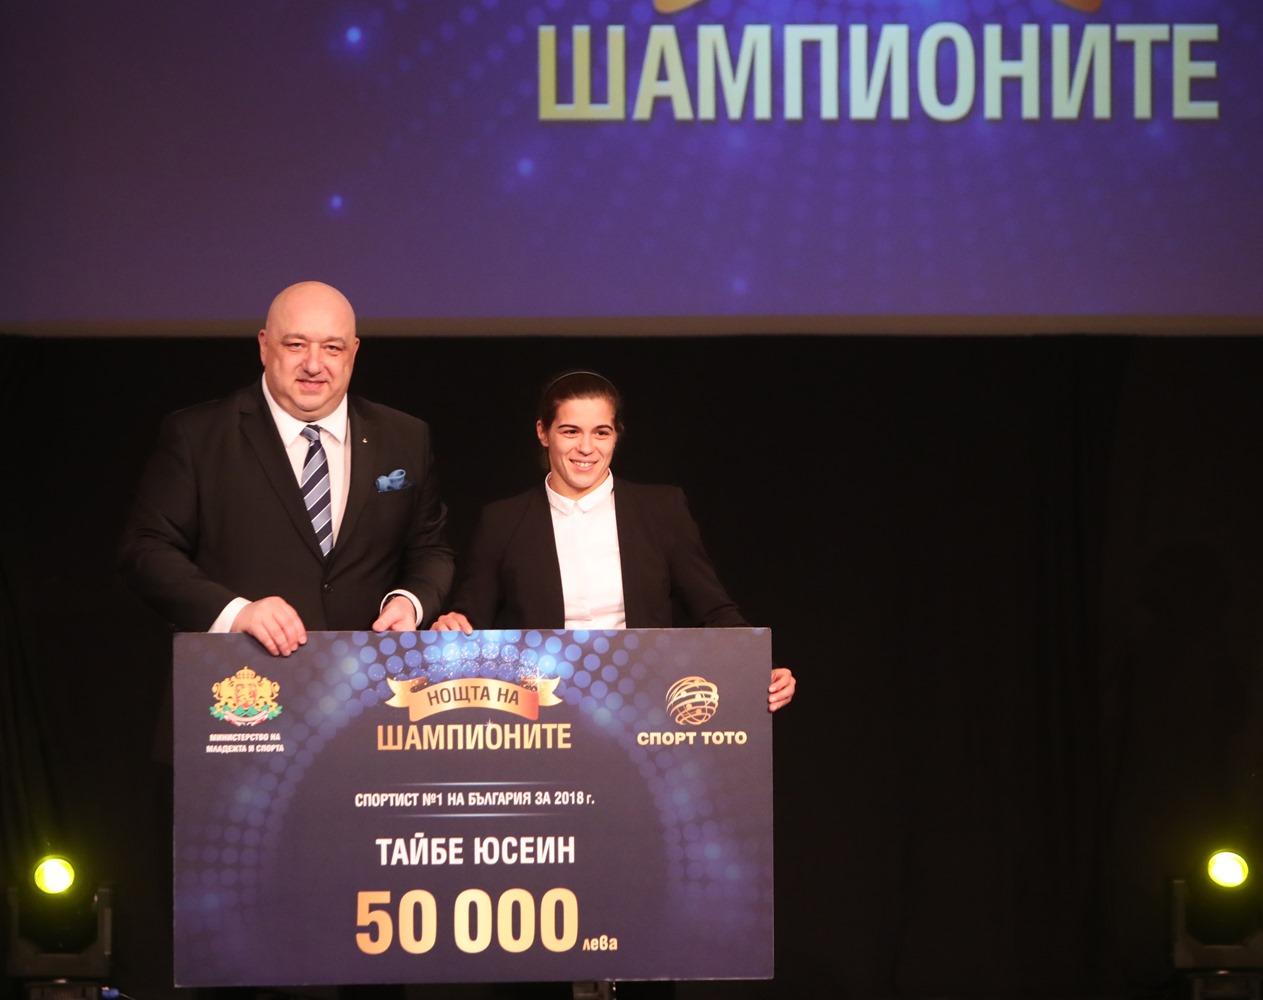 Премии по 50 000 лева за Тайбе Юсеин и Петър Касабов